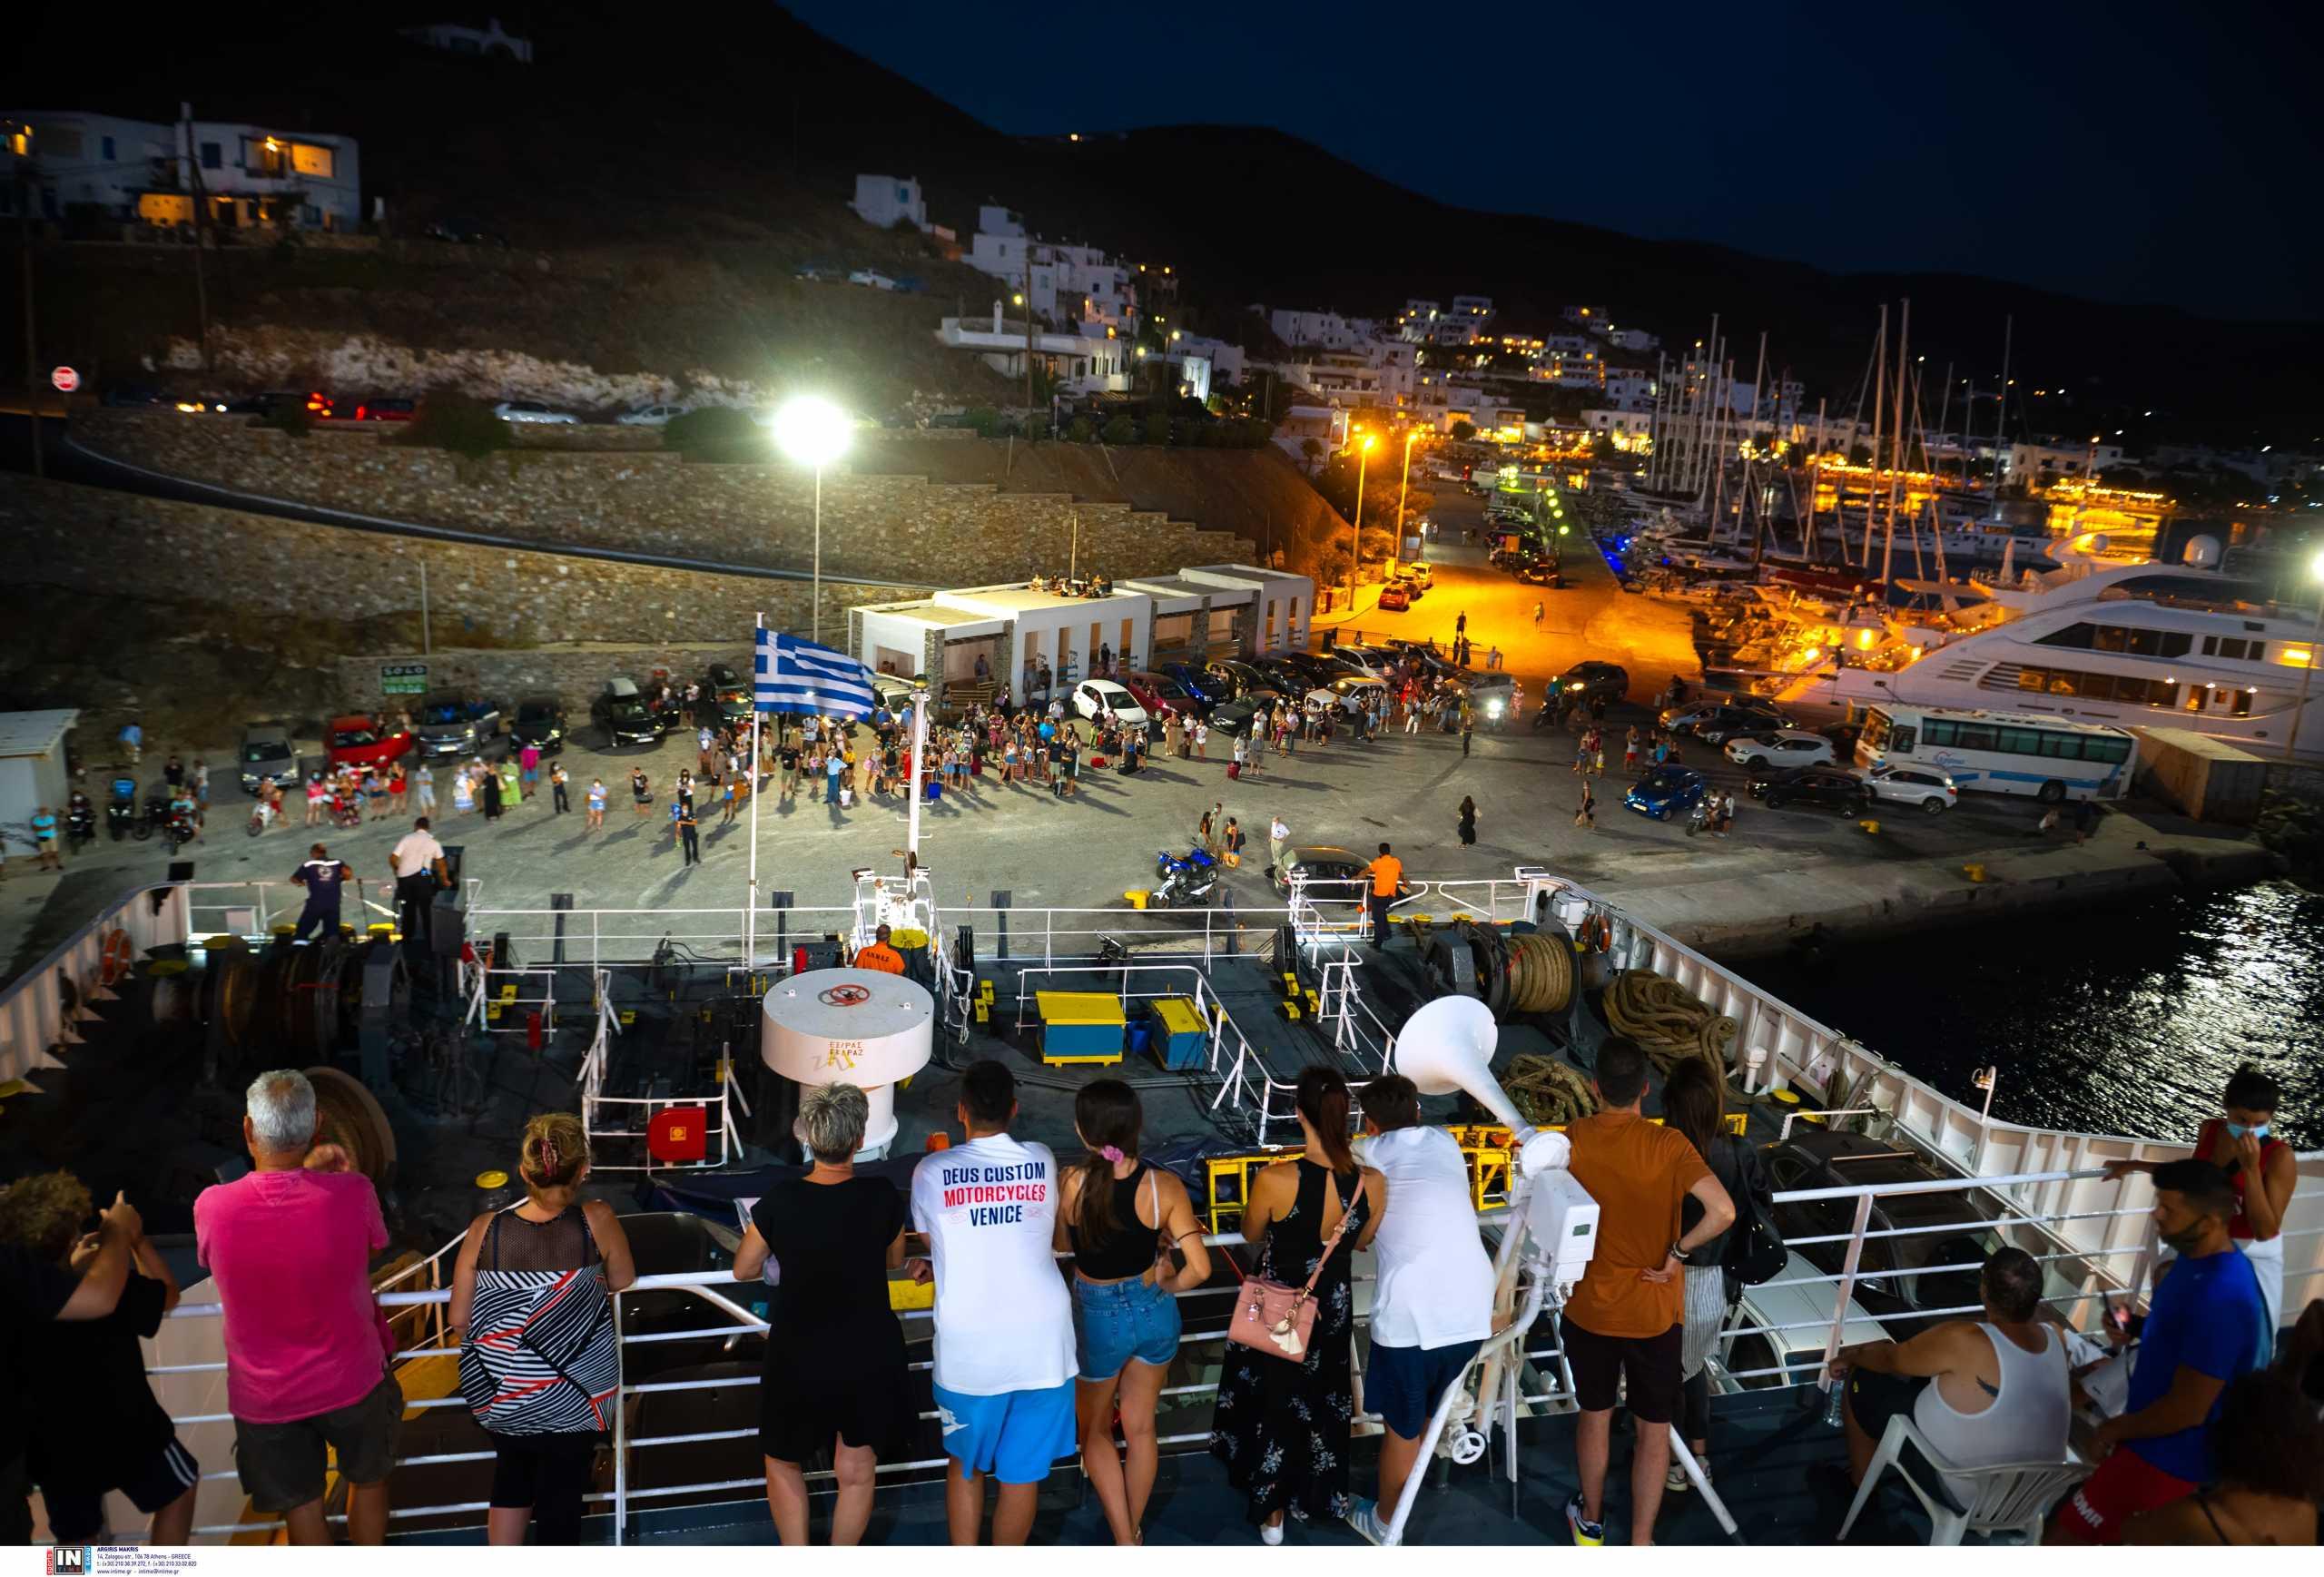 Κορονοϊός: «Κοκκινίζουν» τα νησιά και η επαρχία – Ανησυχία για την αύξηση των διασωληνωμένων